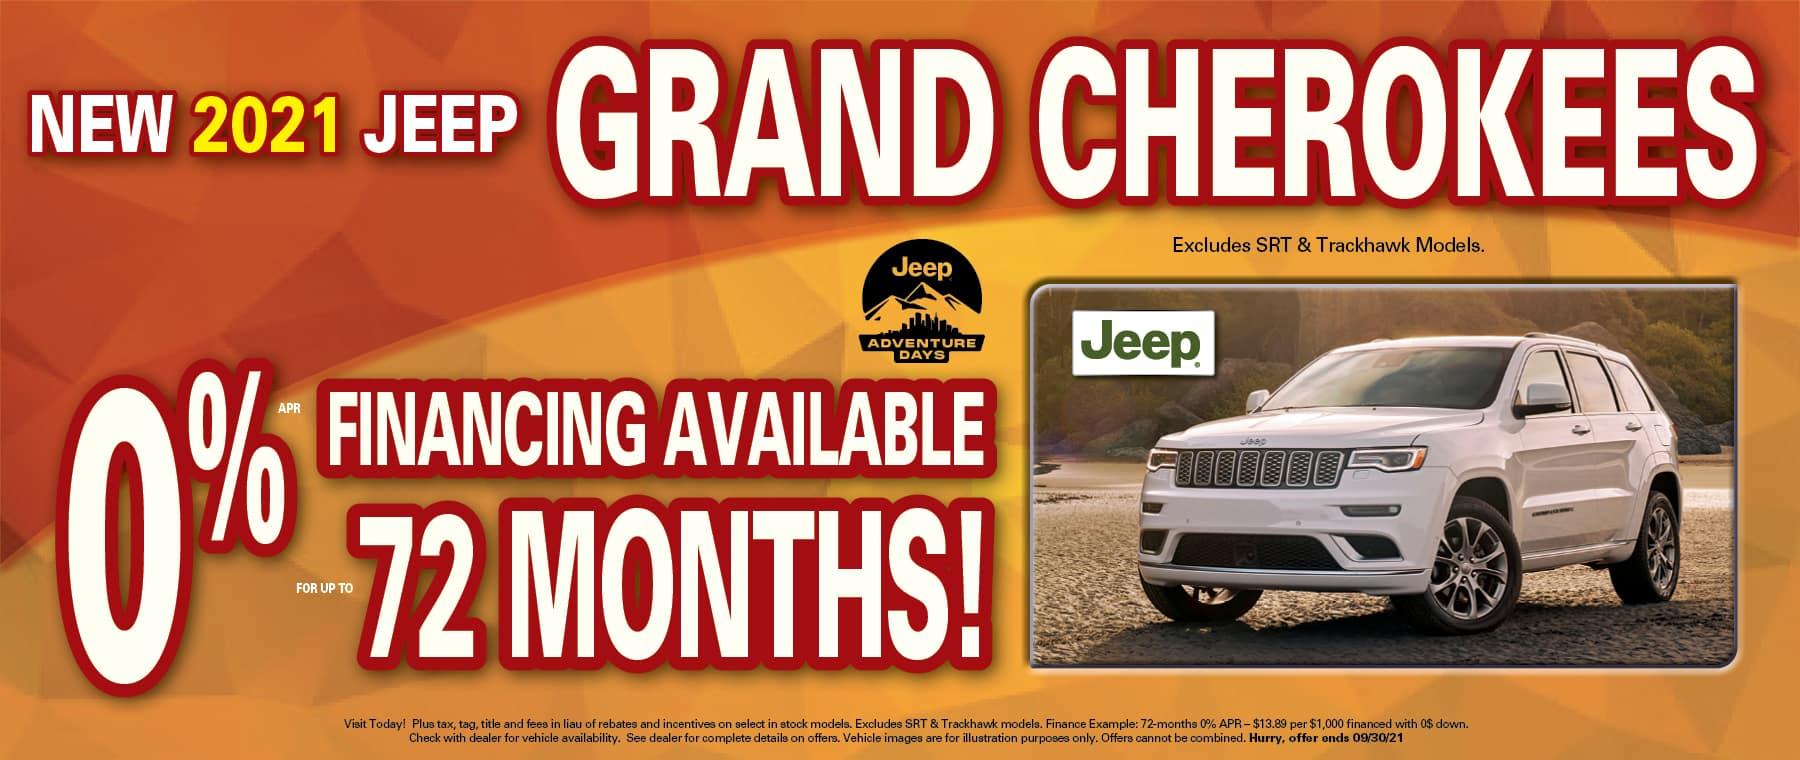 Grand Cherokee 0%